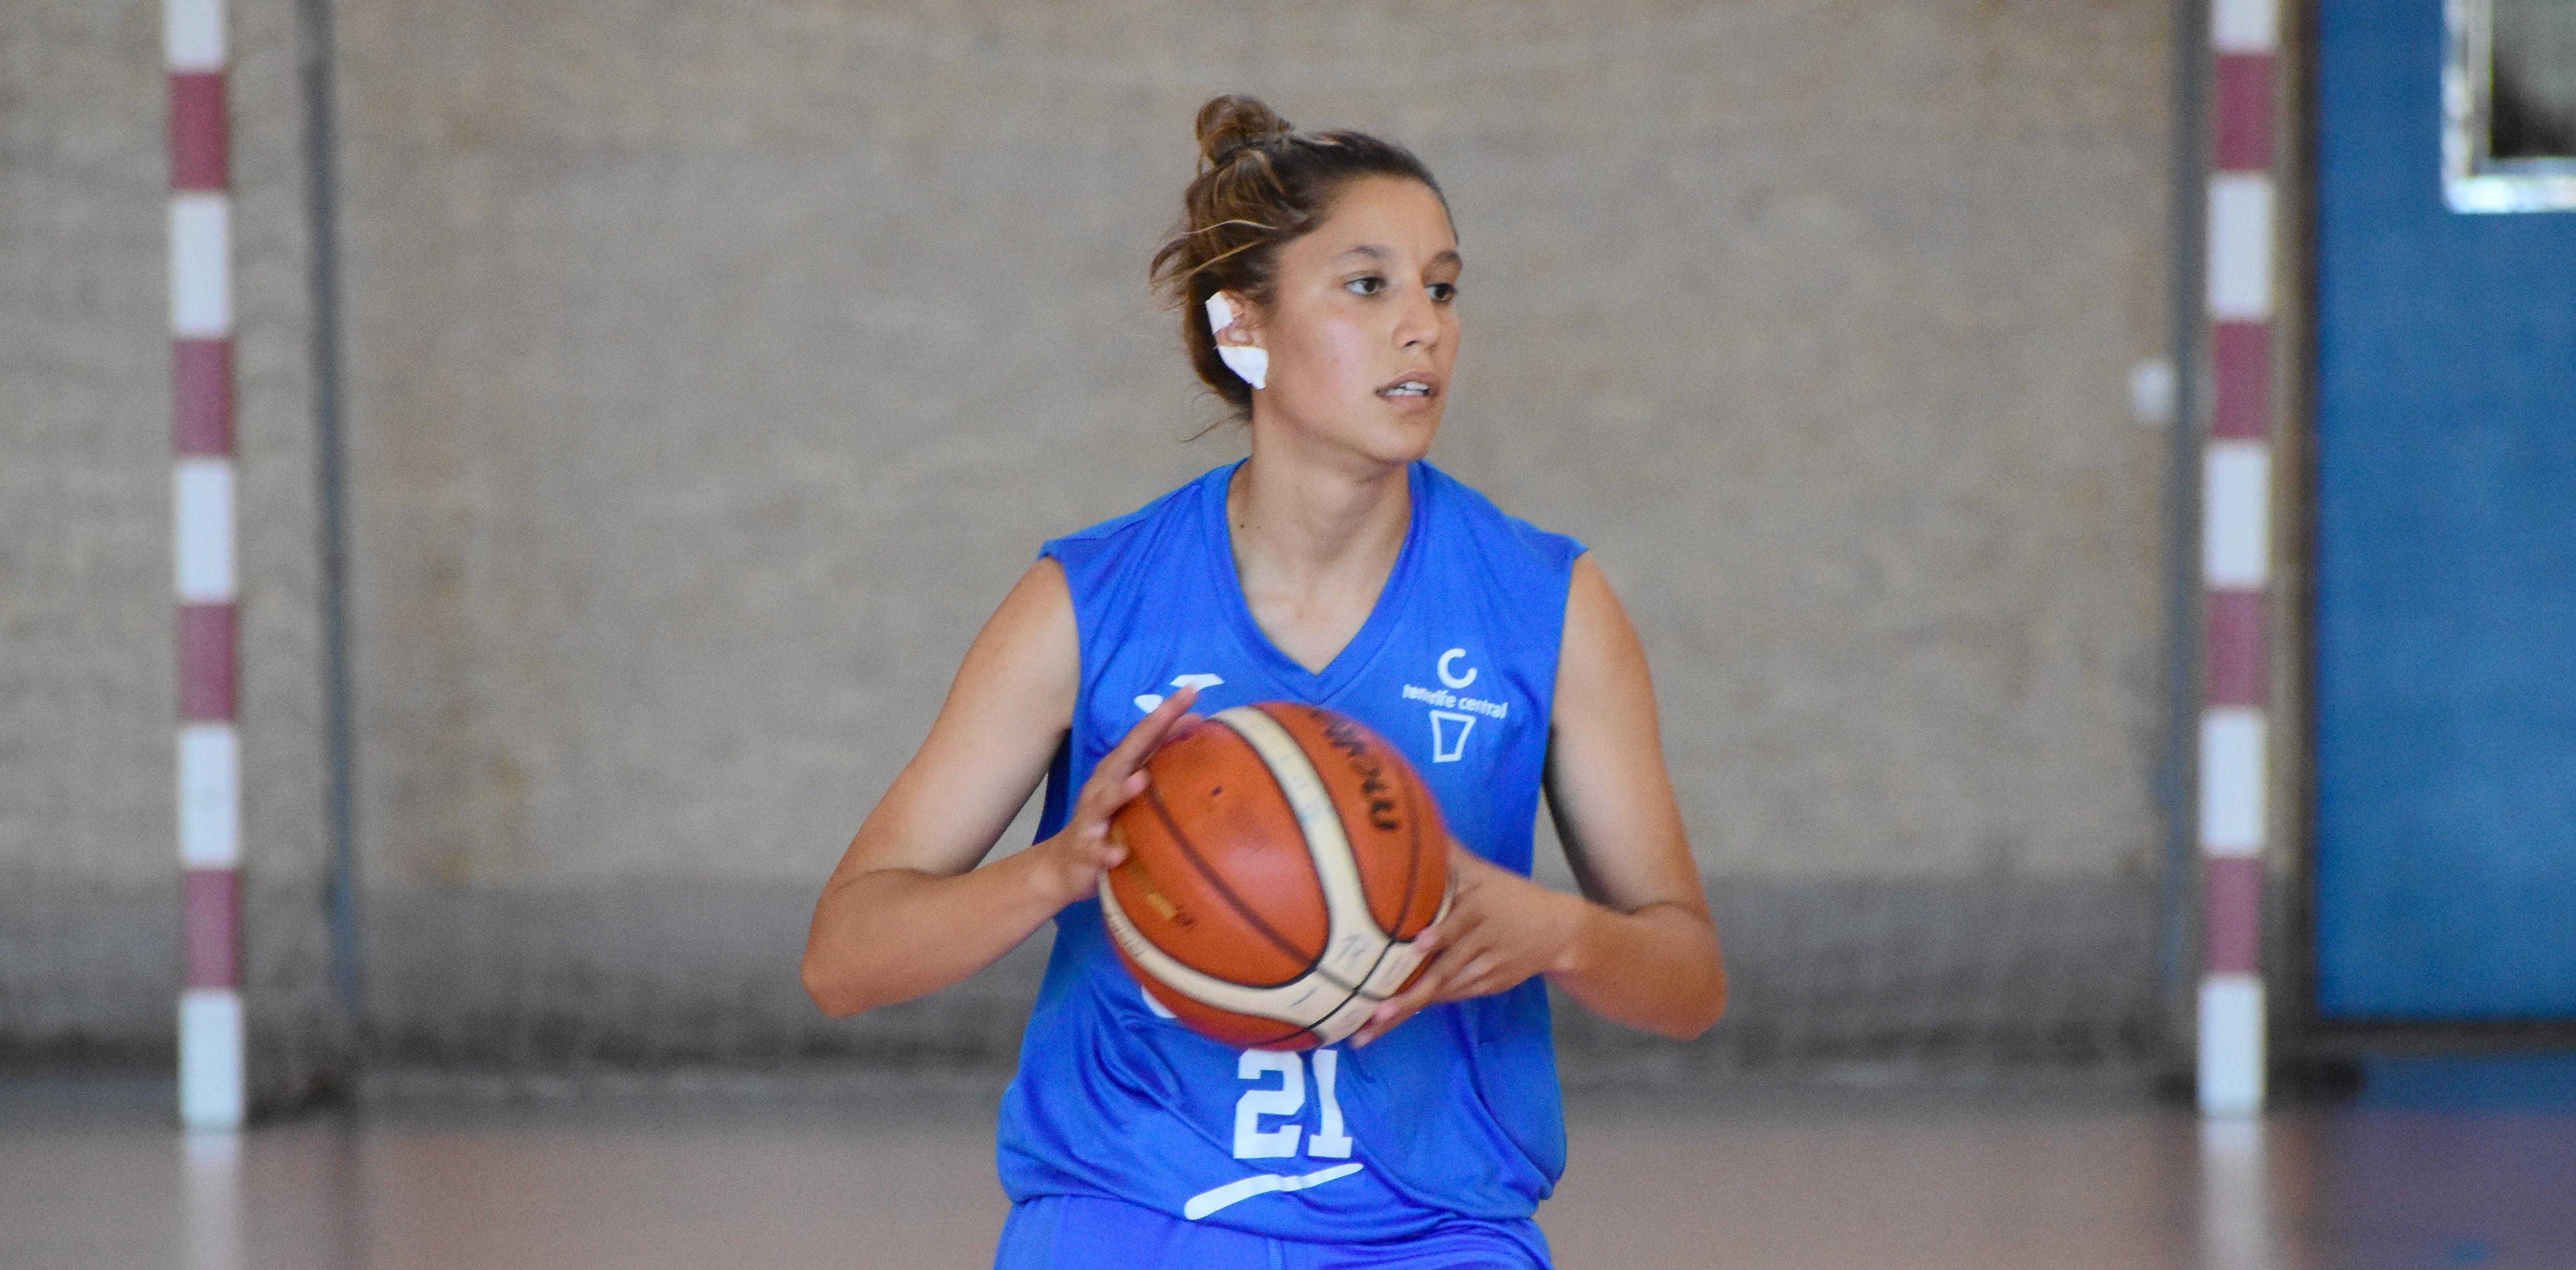 Lidia Bacallado repite en el Tenerife Central